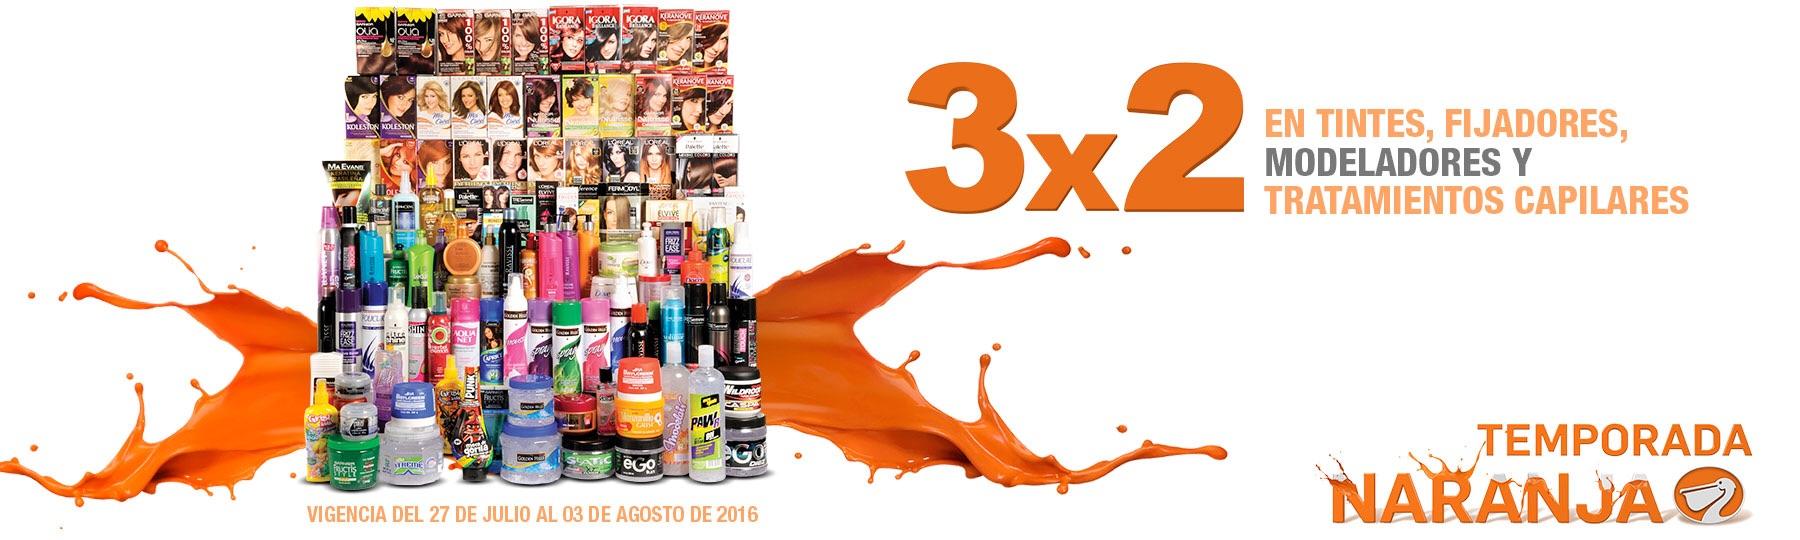 La Comer: 3x2 en tintes, fijadores, modeladores y tratamientos capilares.